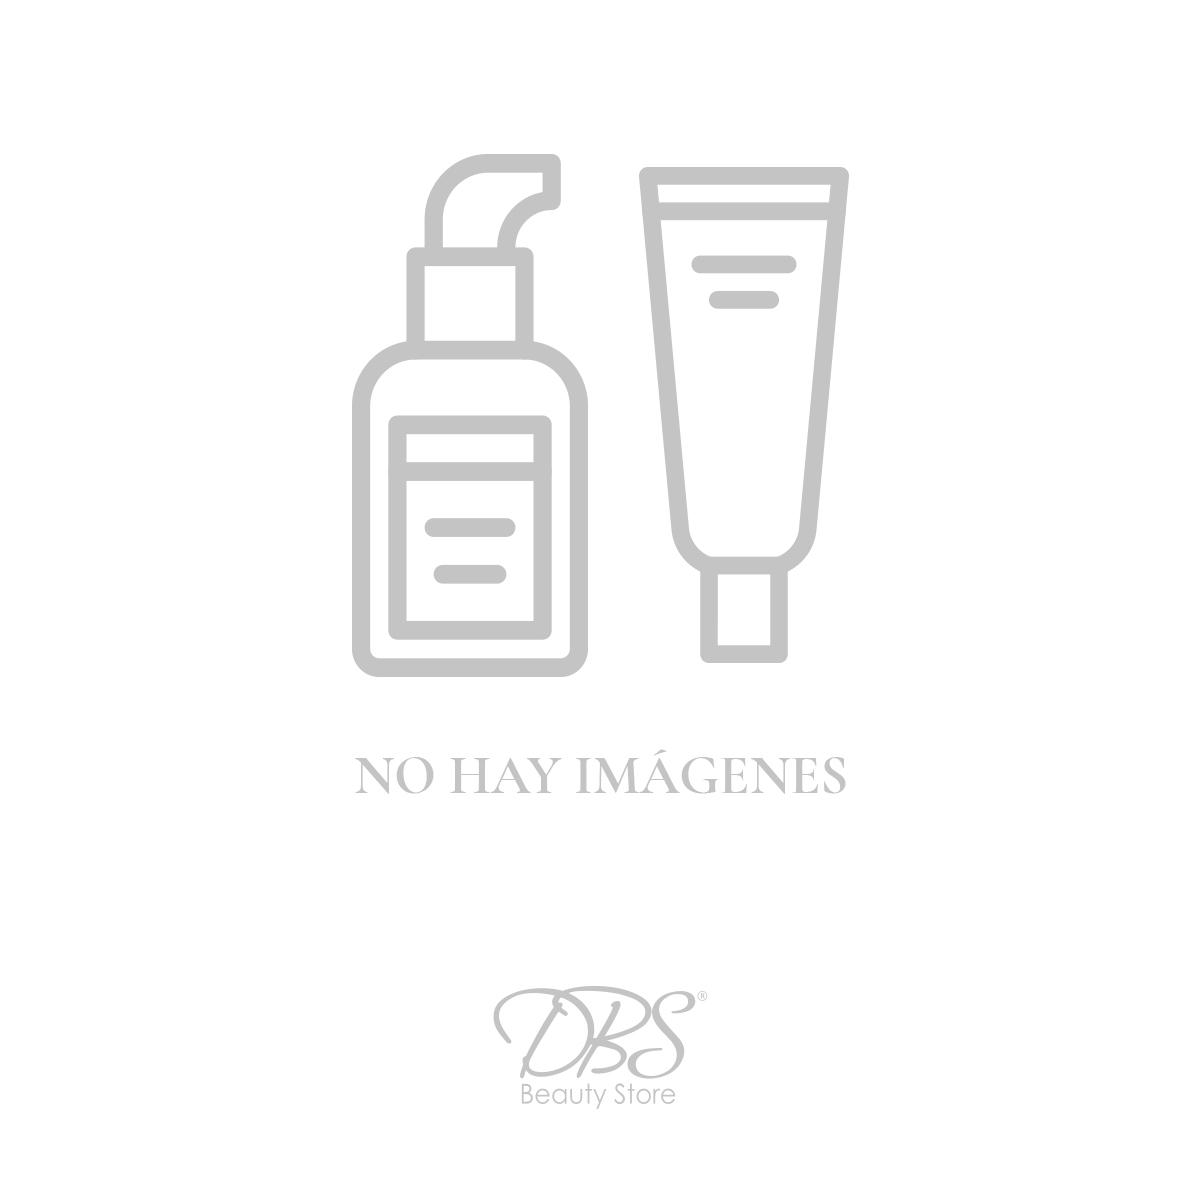 bath-and-body-works-BW-37359.jpg